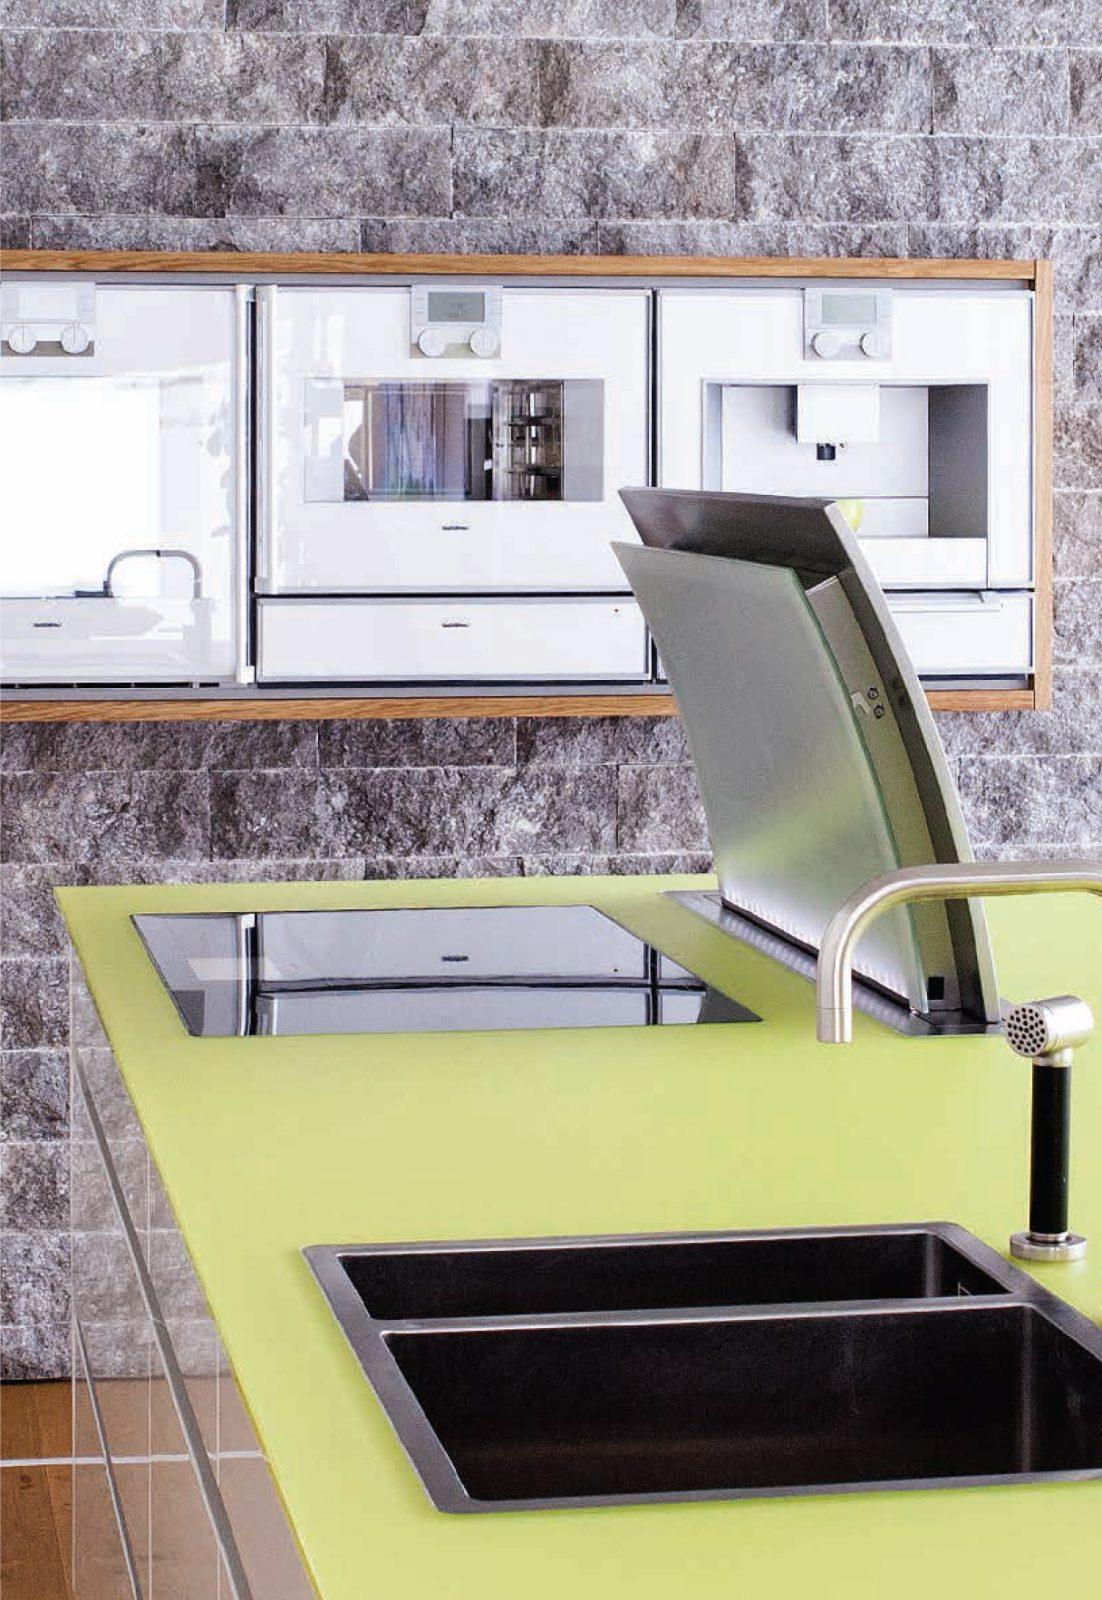 Arquitectura Cocina La Precisi N De Los Detalles En G Ppingen  # Muebles Cocina Zelari Nuzzi